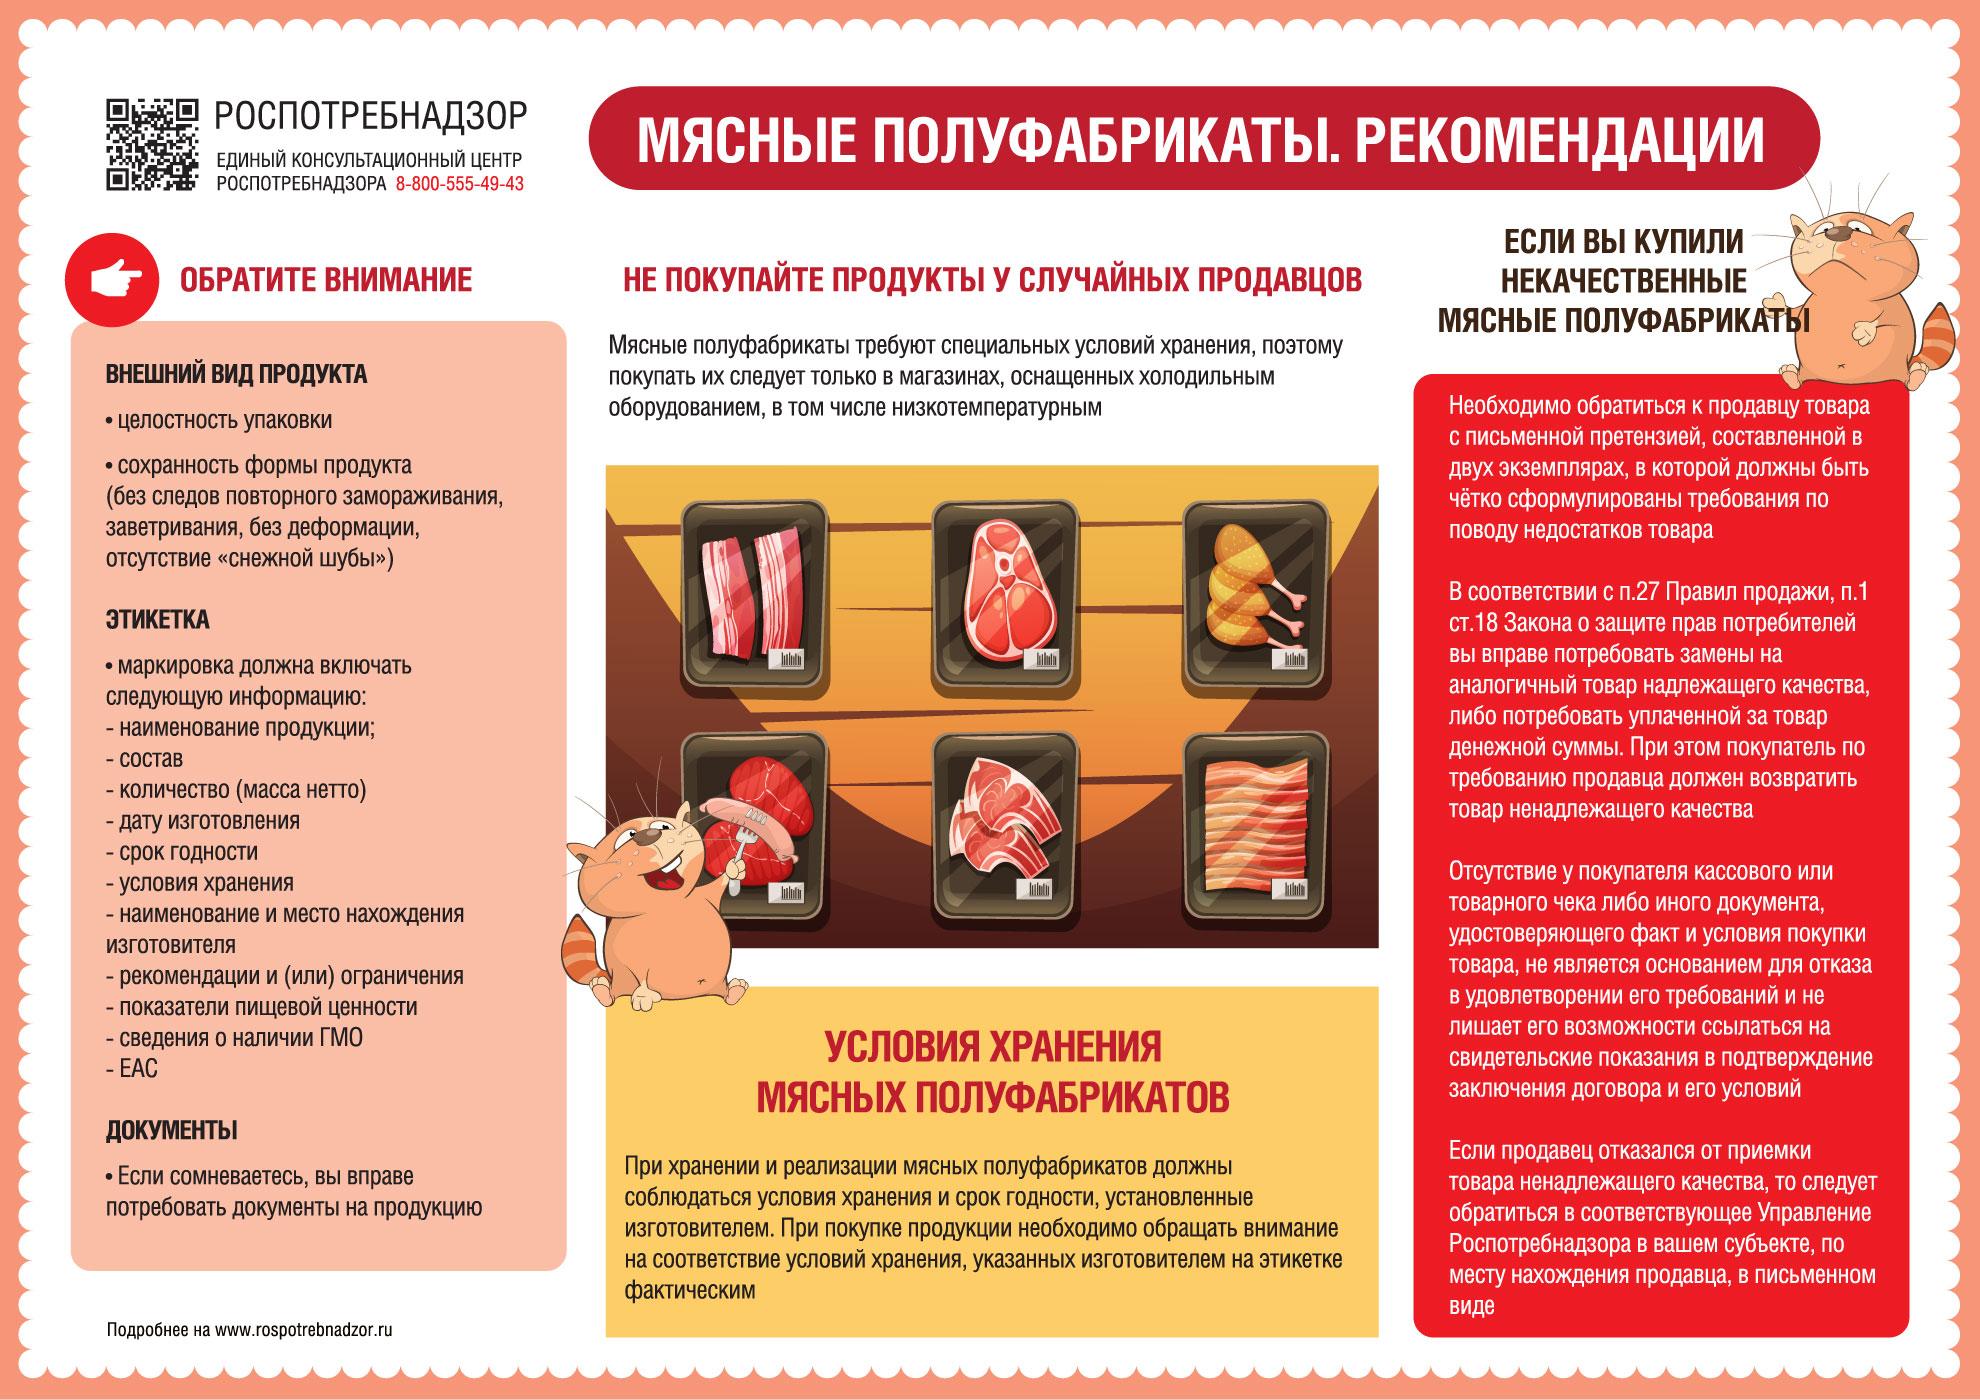 О рекомендациях как выбрать мясные полуфабрикаты